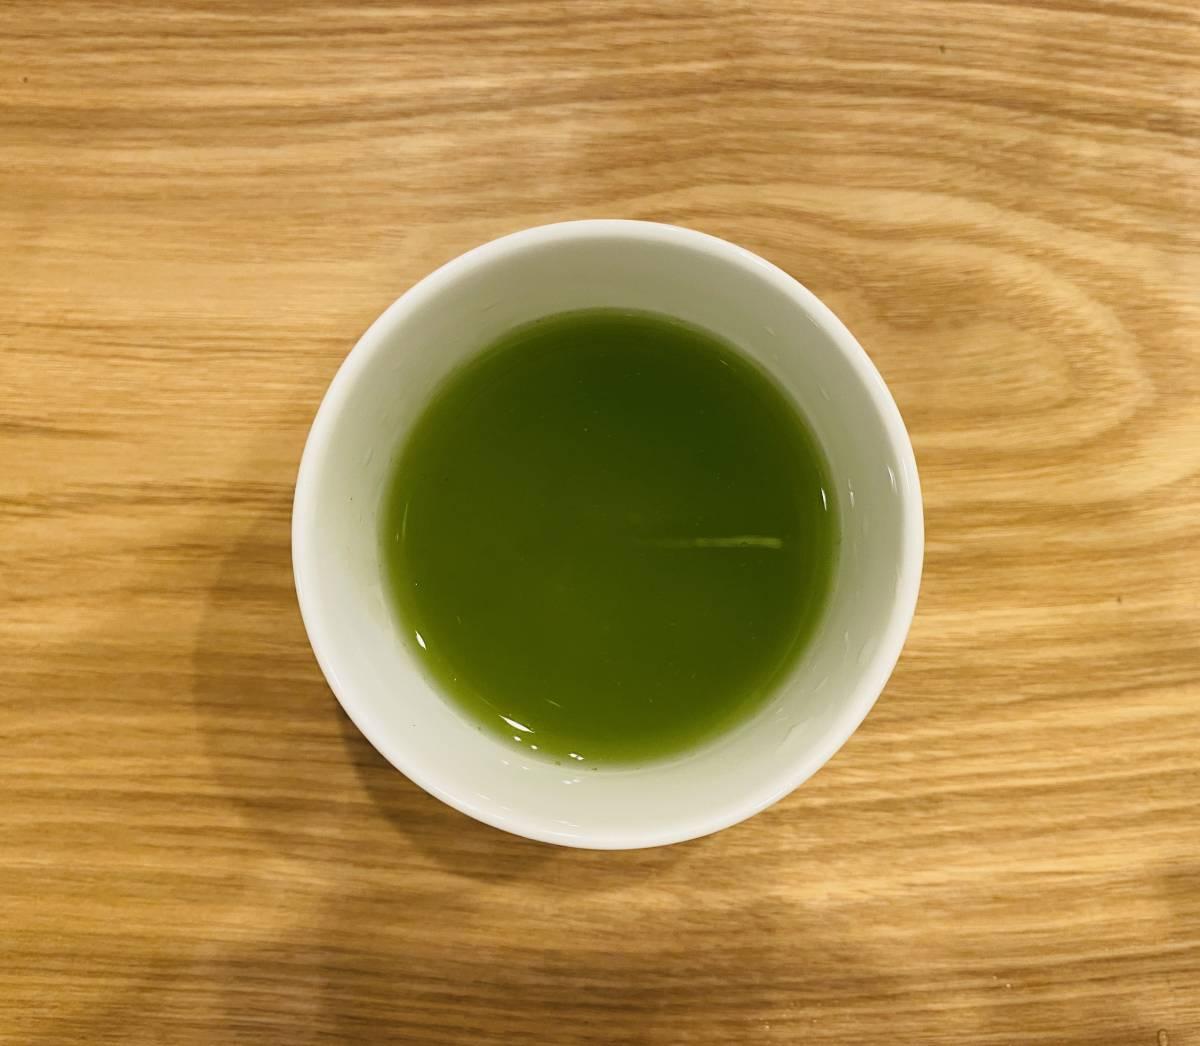 深いコクと旨み 深蒸し煎茶 あさつゆ 鹿児島 知覧産_画像2